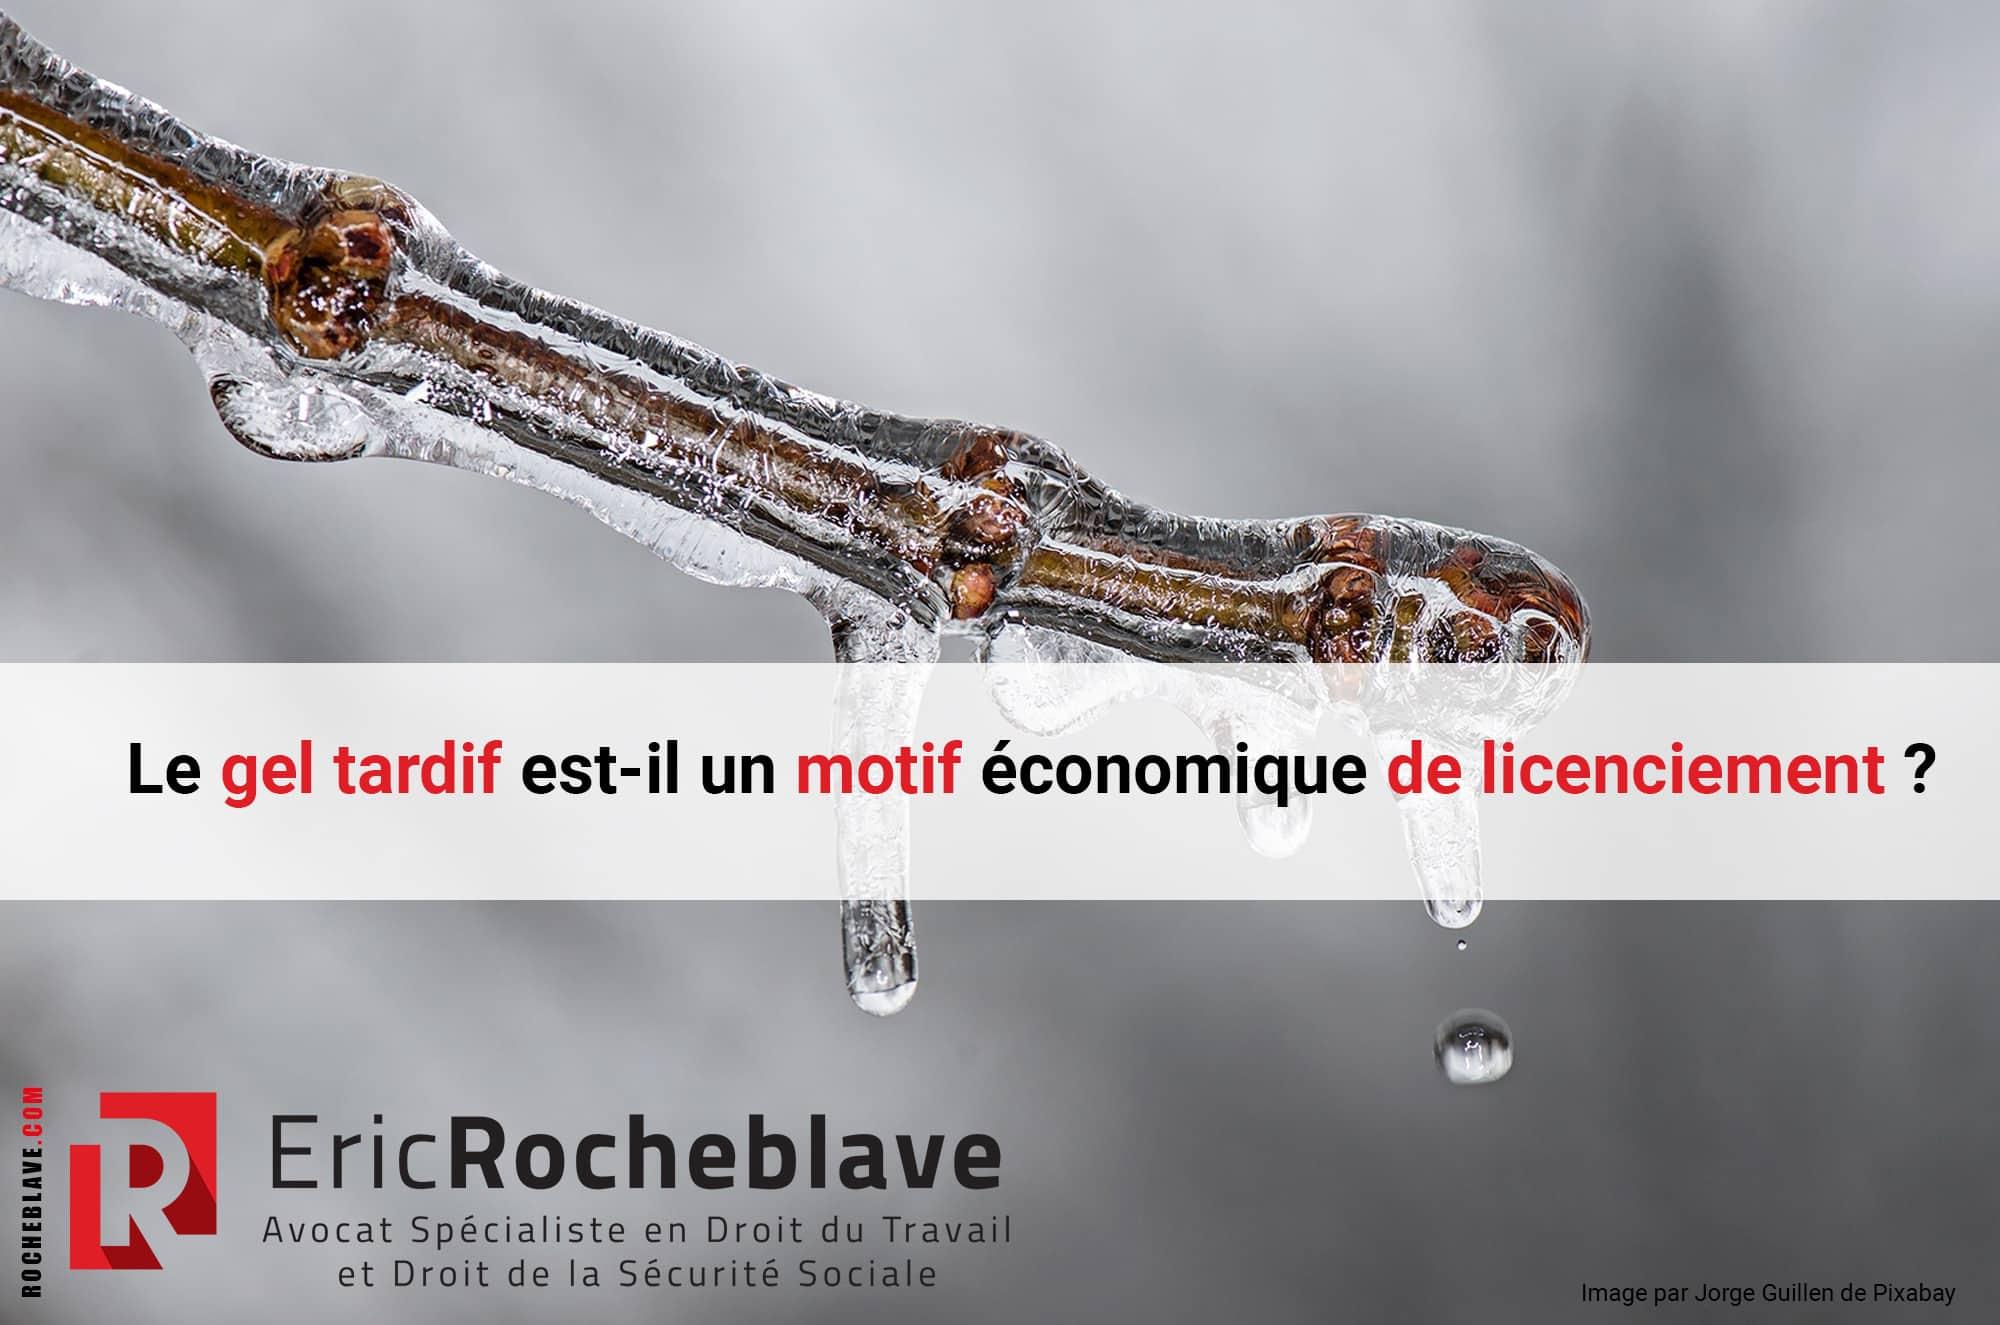 Le gel tardif est-il un motif économique de licenciement ?